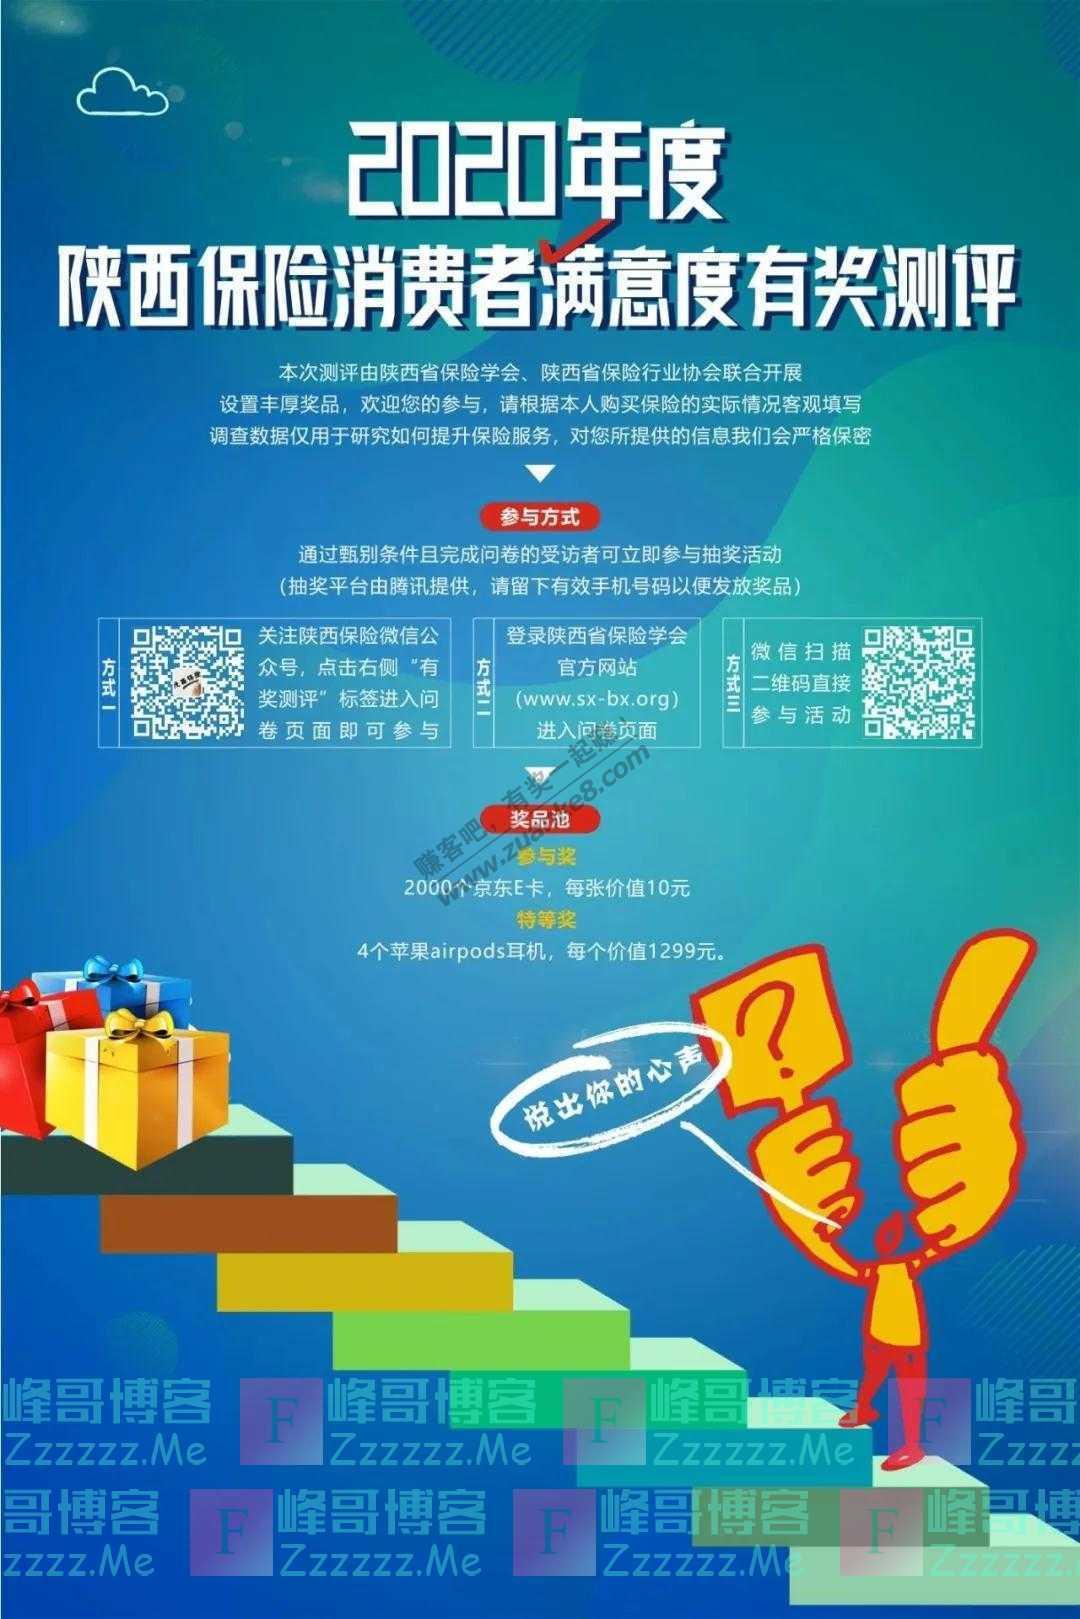 陕西保险2020年度陕西保险消费者满意度有奖测评(截止不详)